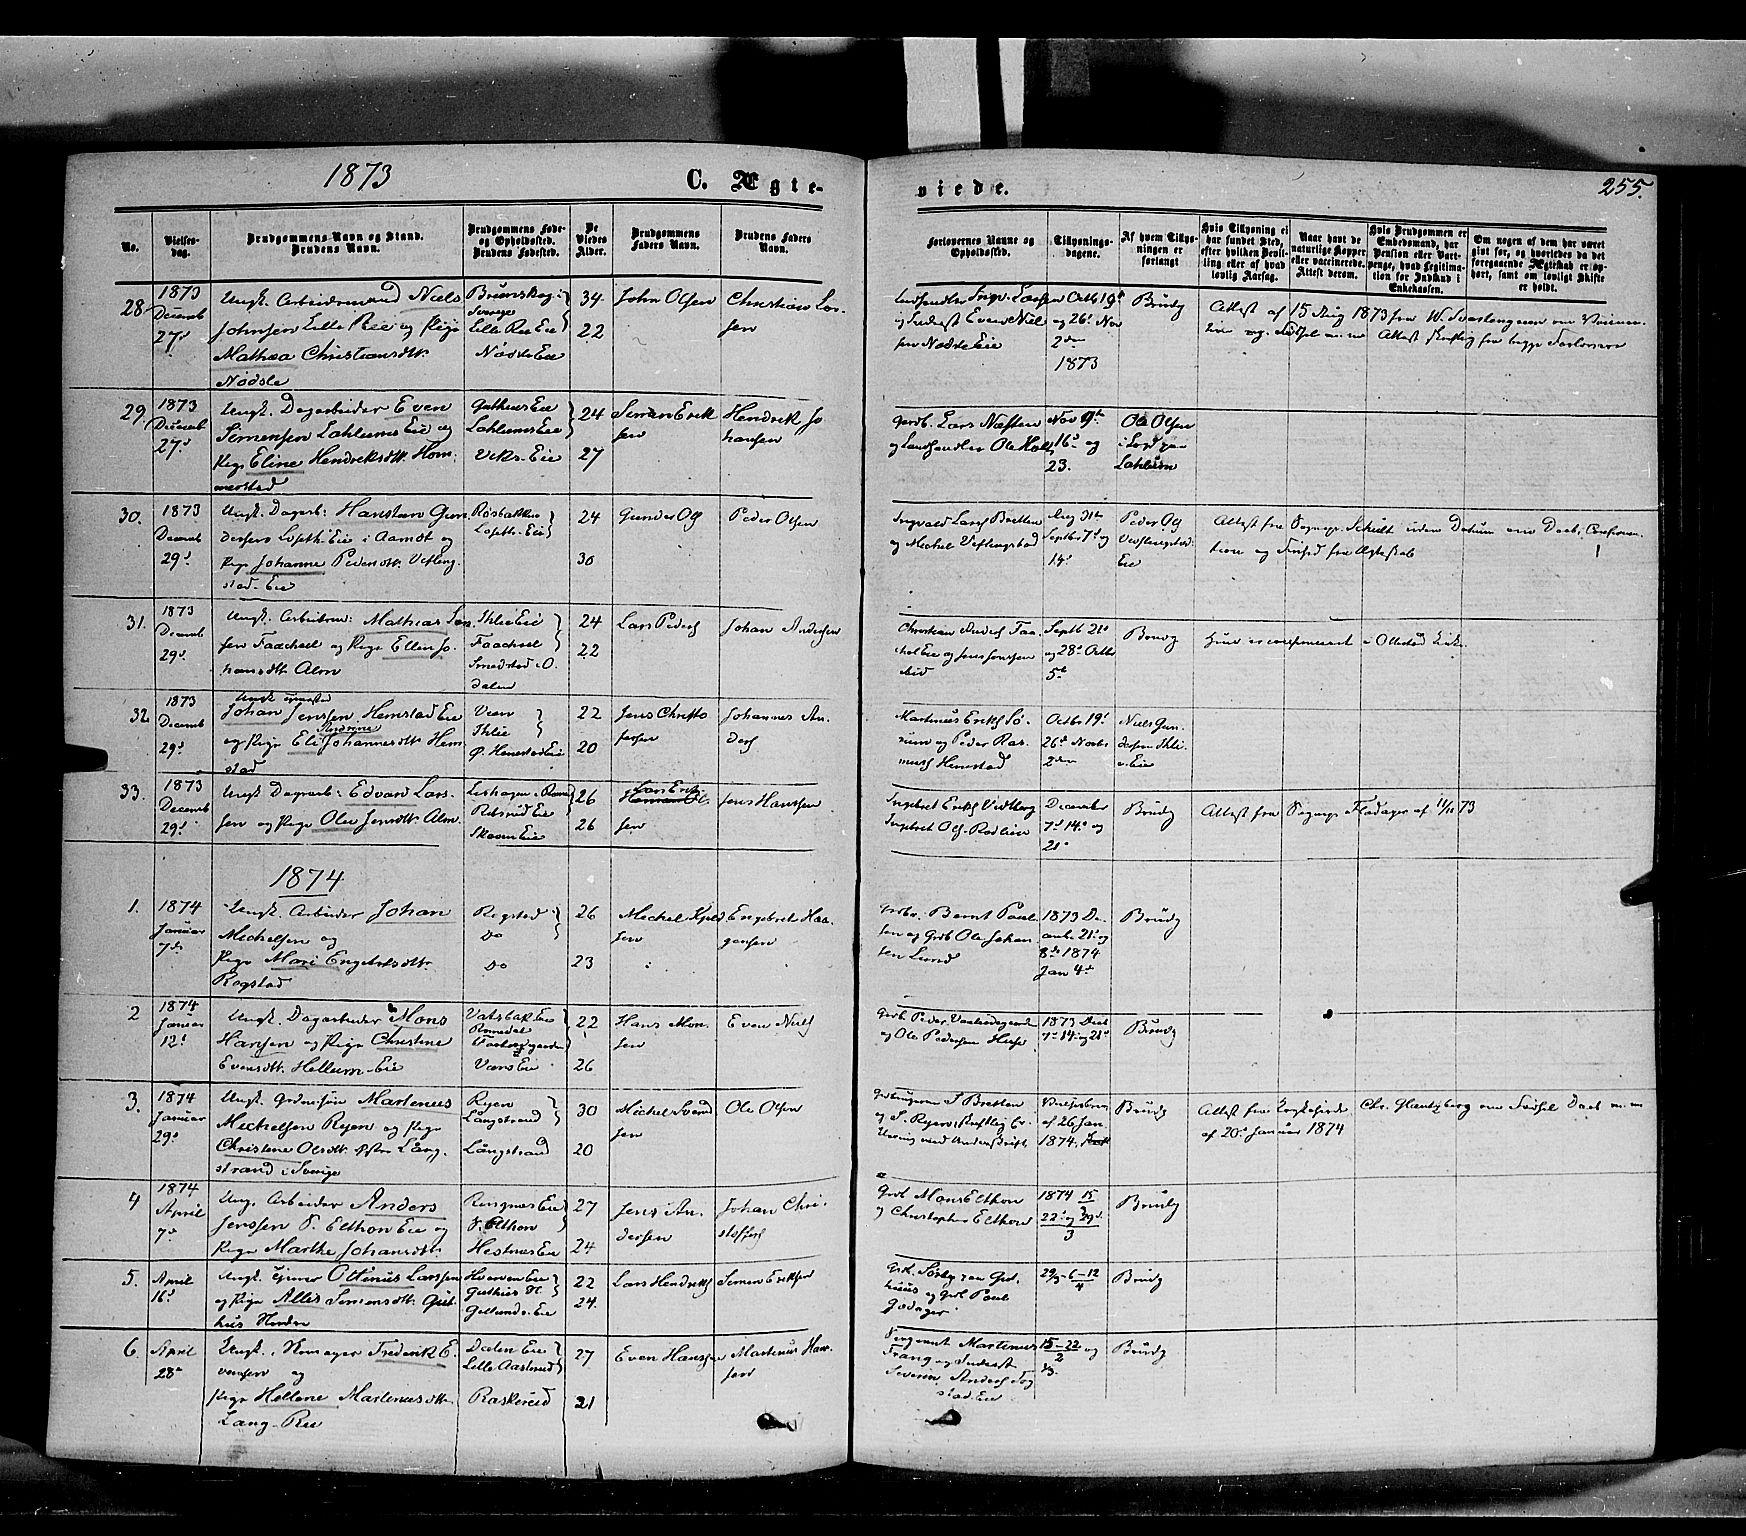 SAH, Stange prestekontor, K/L0013: Parish register (official) no. 13, 1862-1879, p. 255